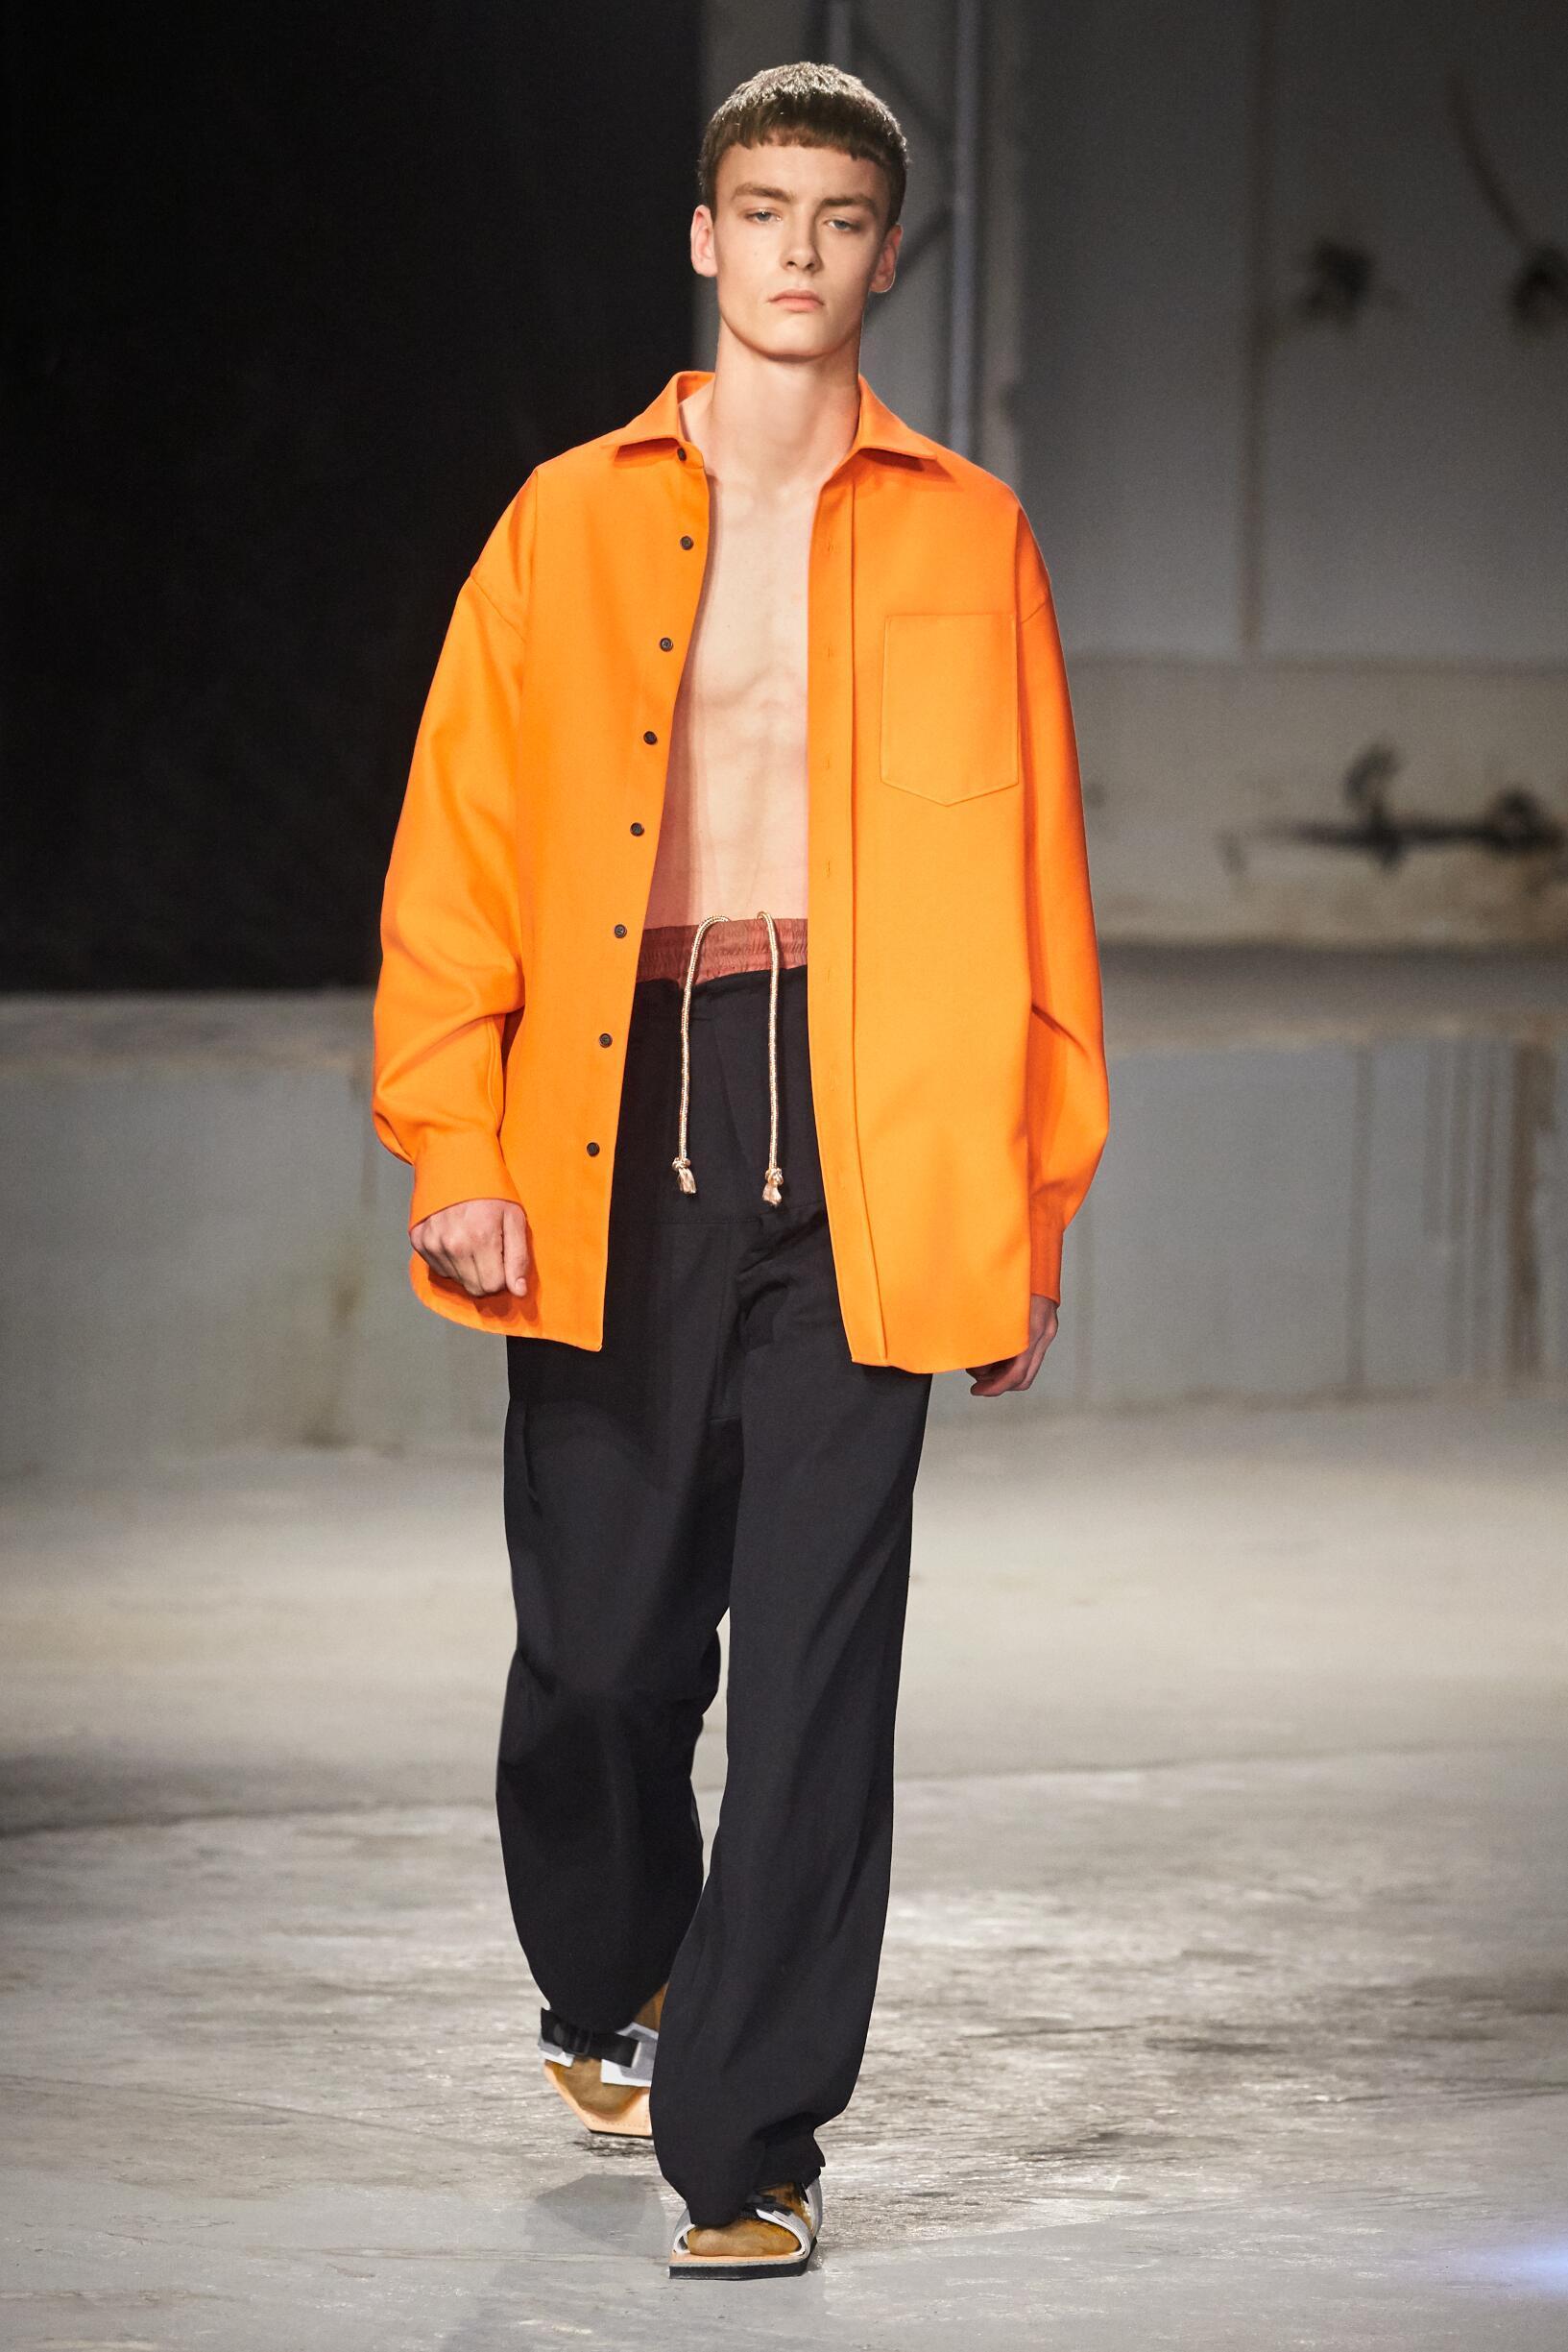 Fashion Man Model Acne Studios Catwalk